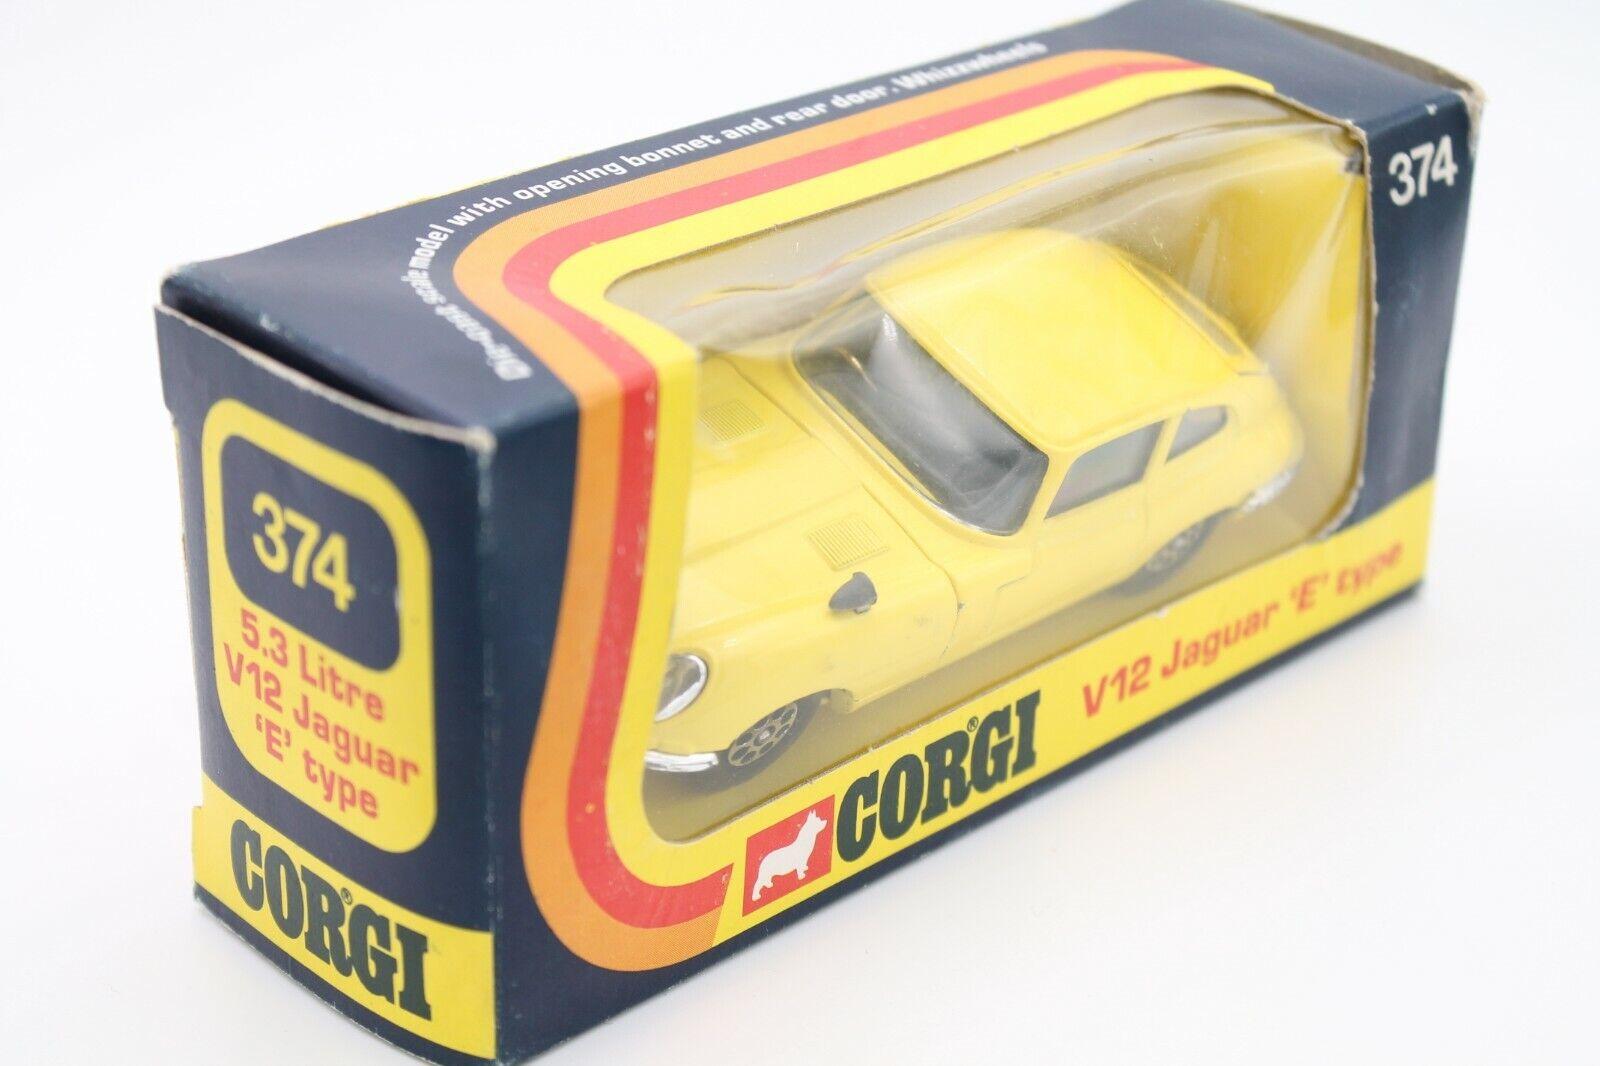 CORGI SpielzeugS 374   JAGUAR E-TYPE V12 COUPE   1 43  OVP  MINT